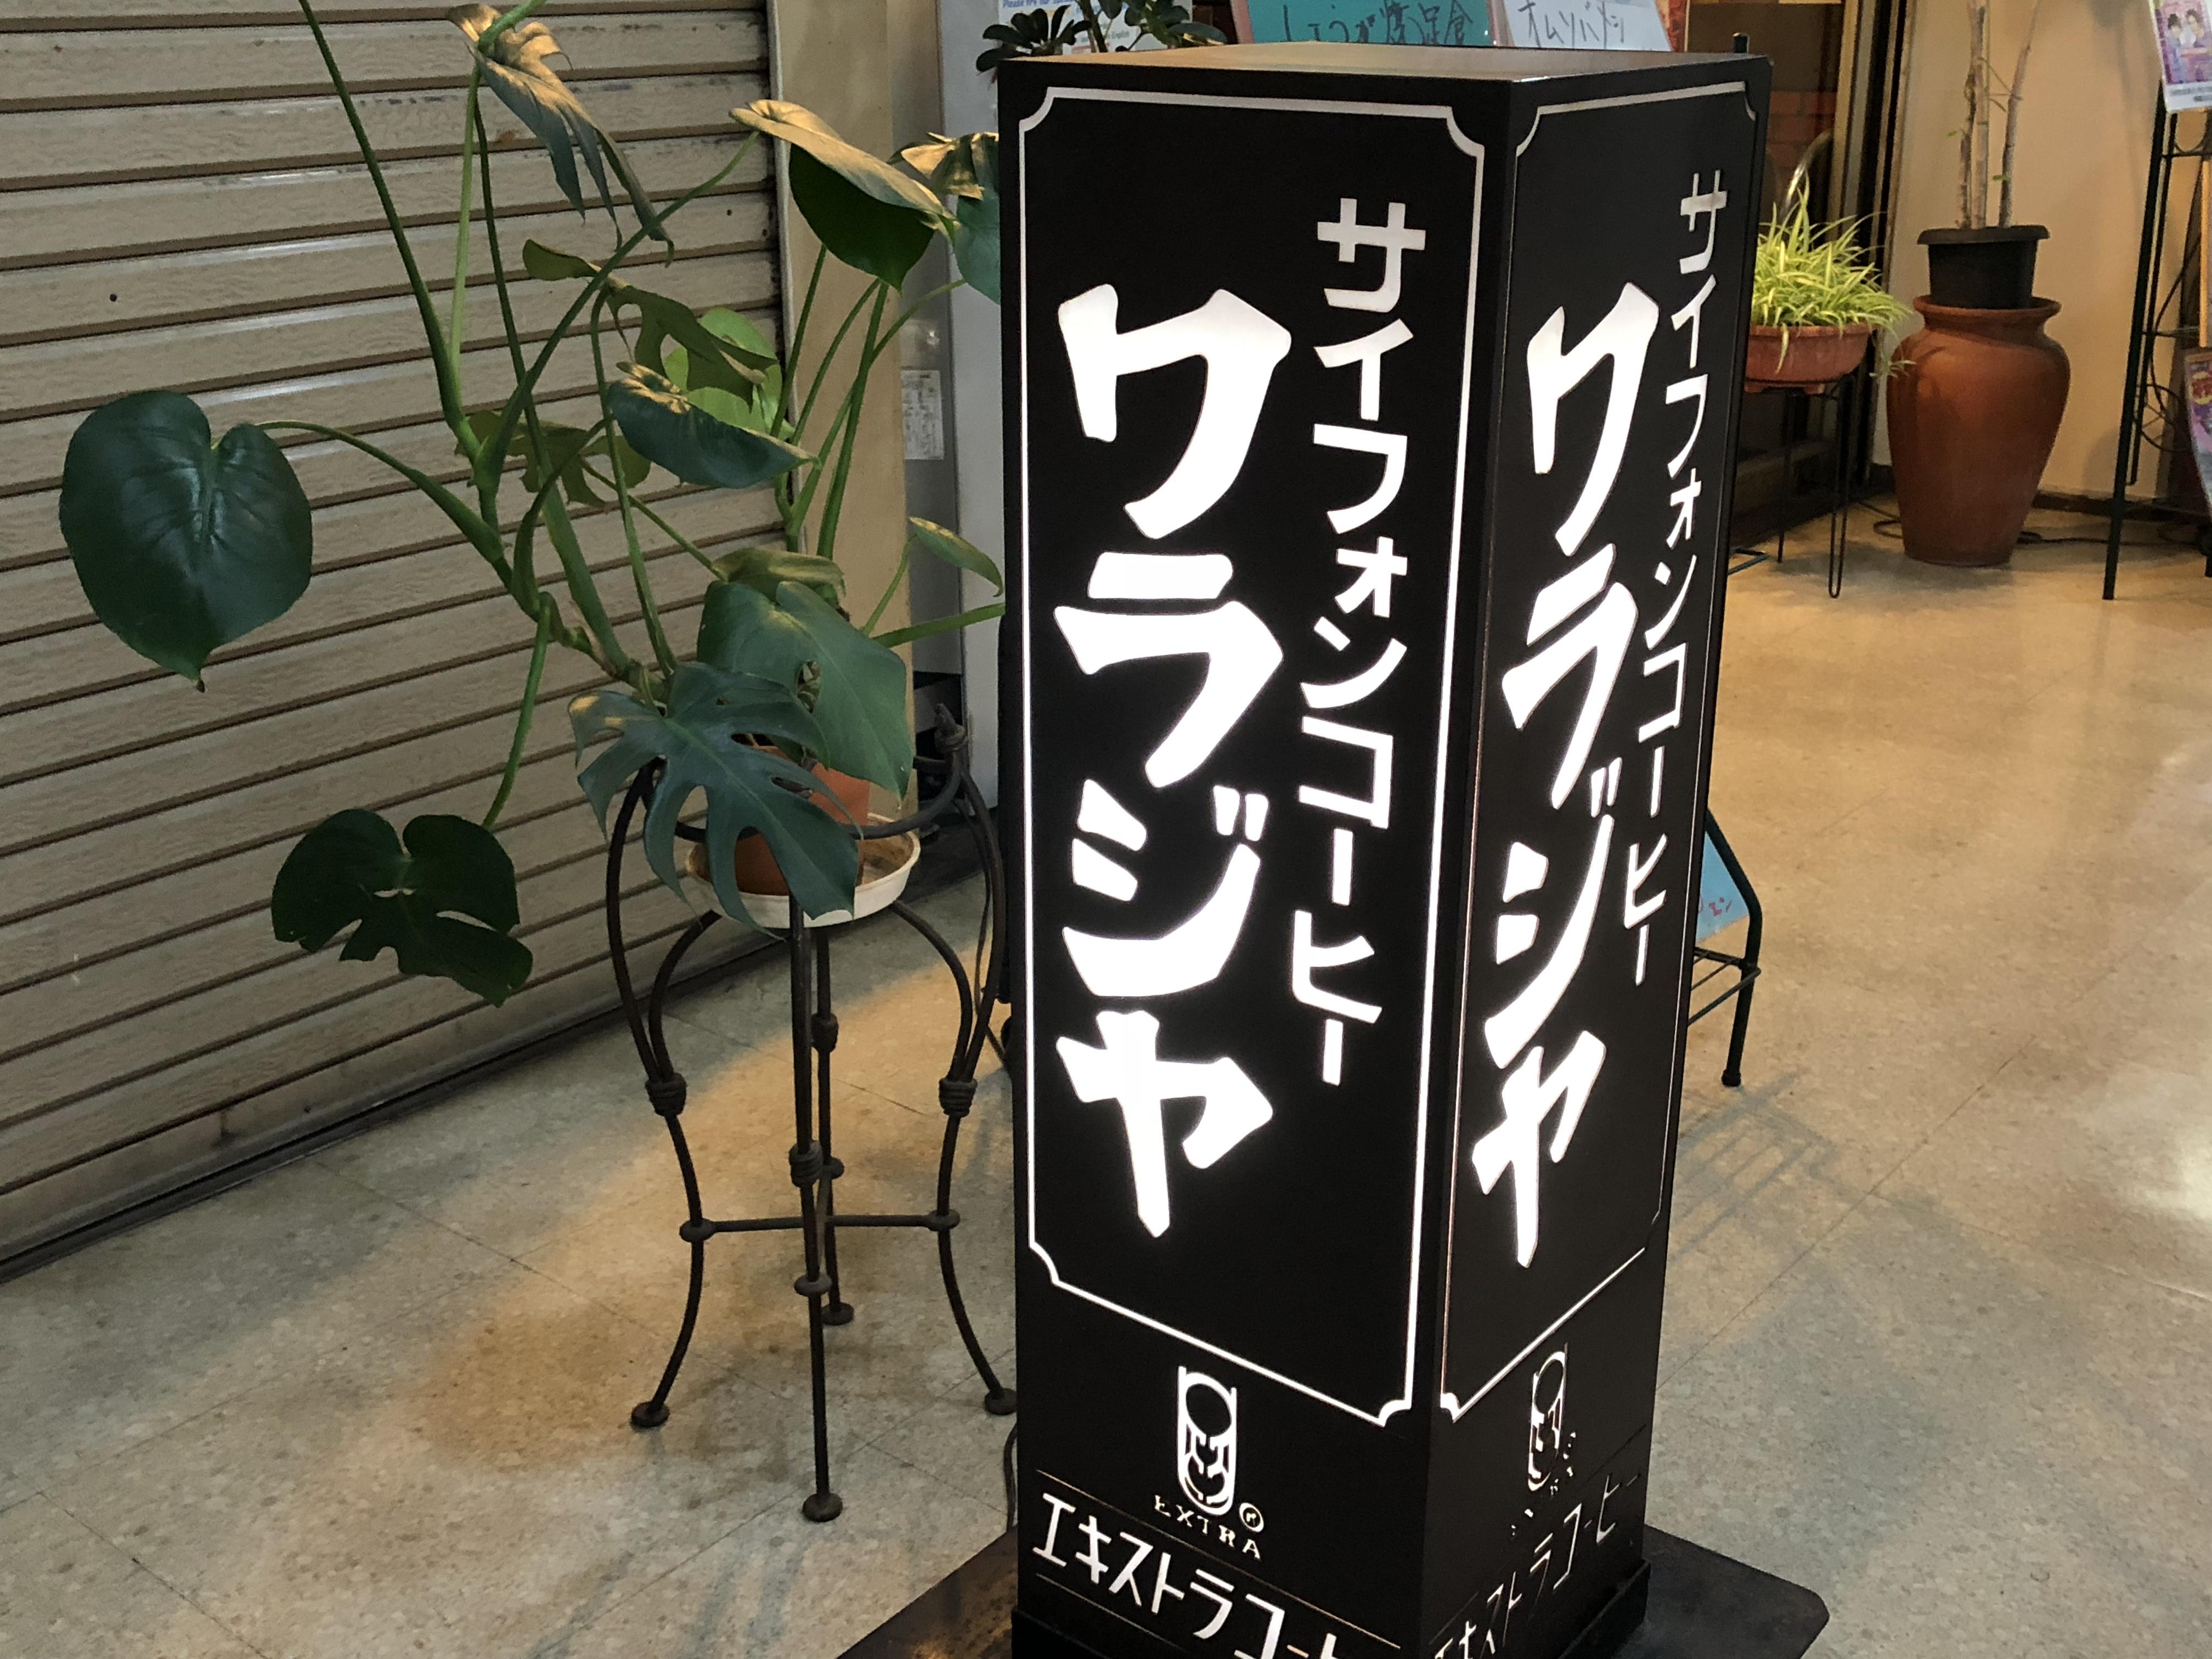 神戸・メリケンパークのグルメ横町にある「ワラジヤ」さんで、芸能人に大人気「オムソバメシ」を食べてみた! #ワラジヤ #神戸メリケンパーク